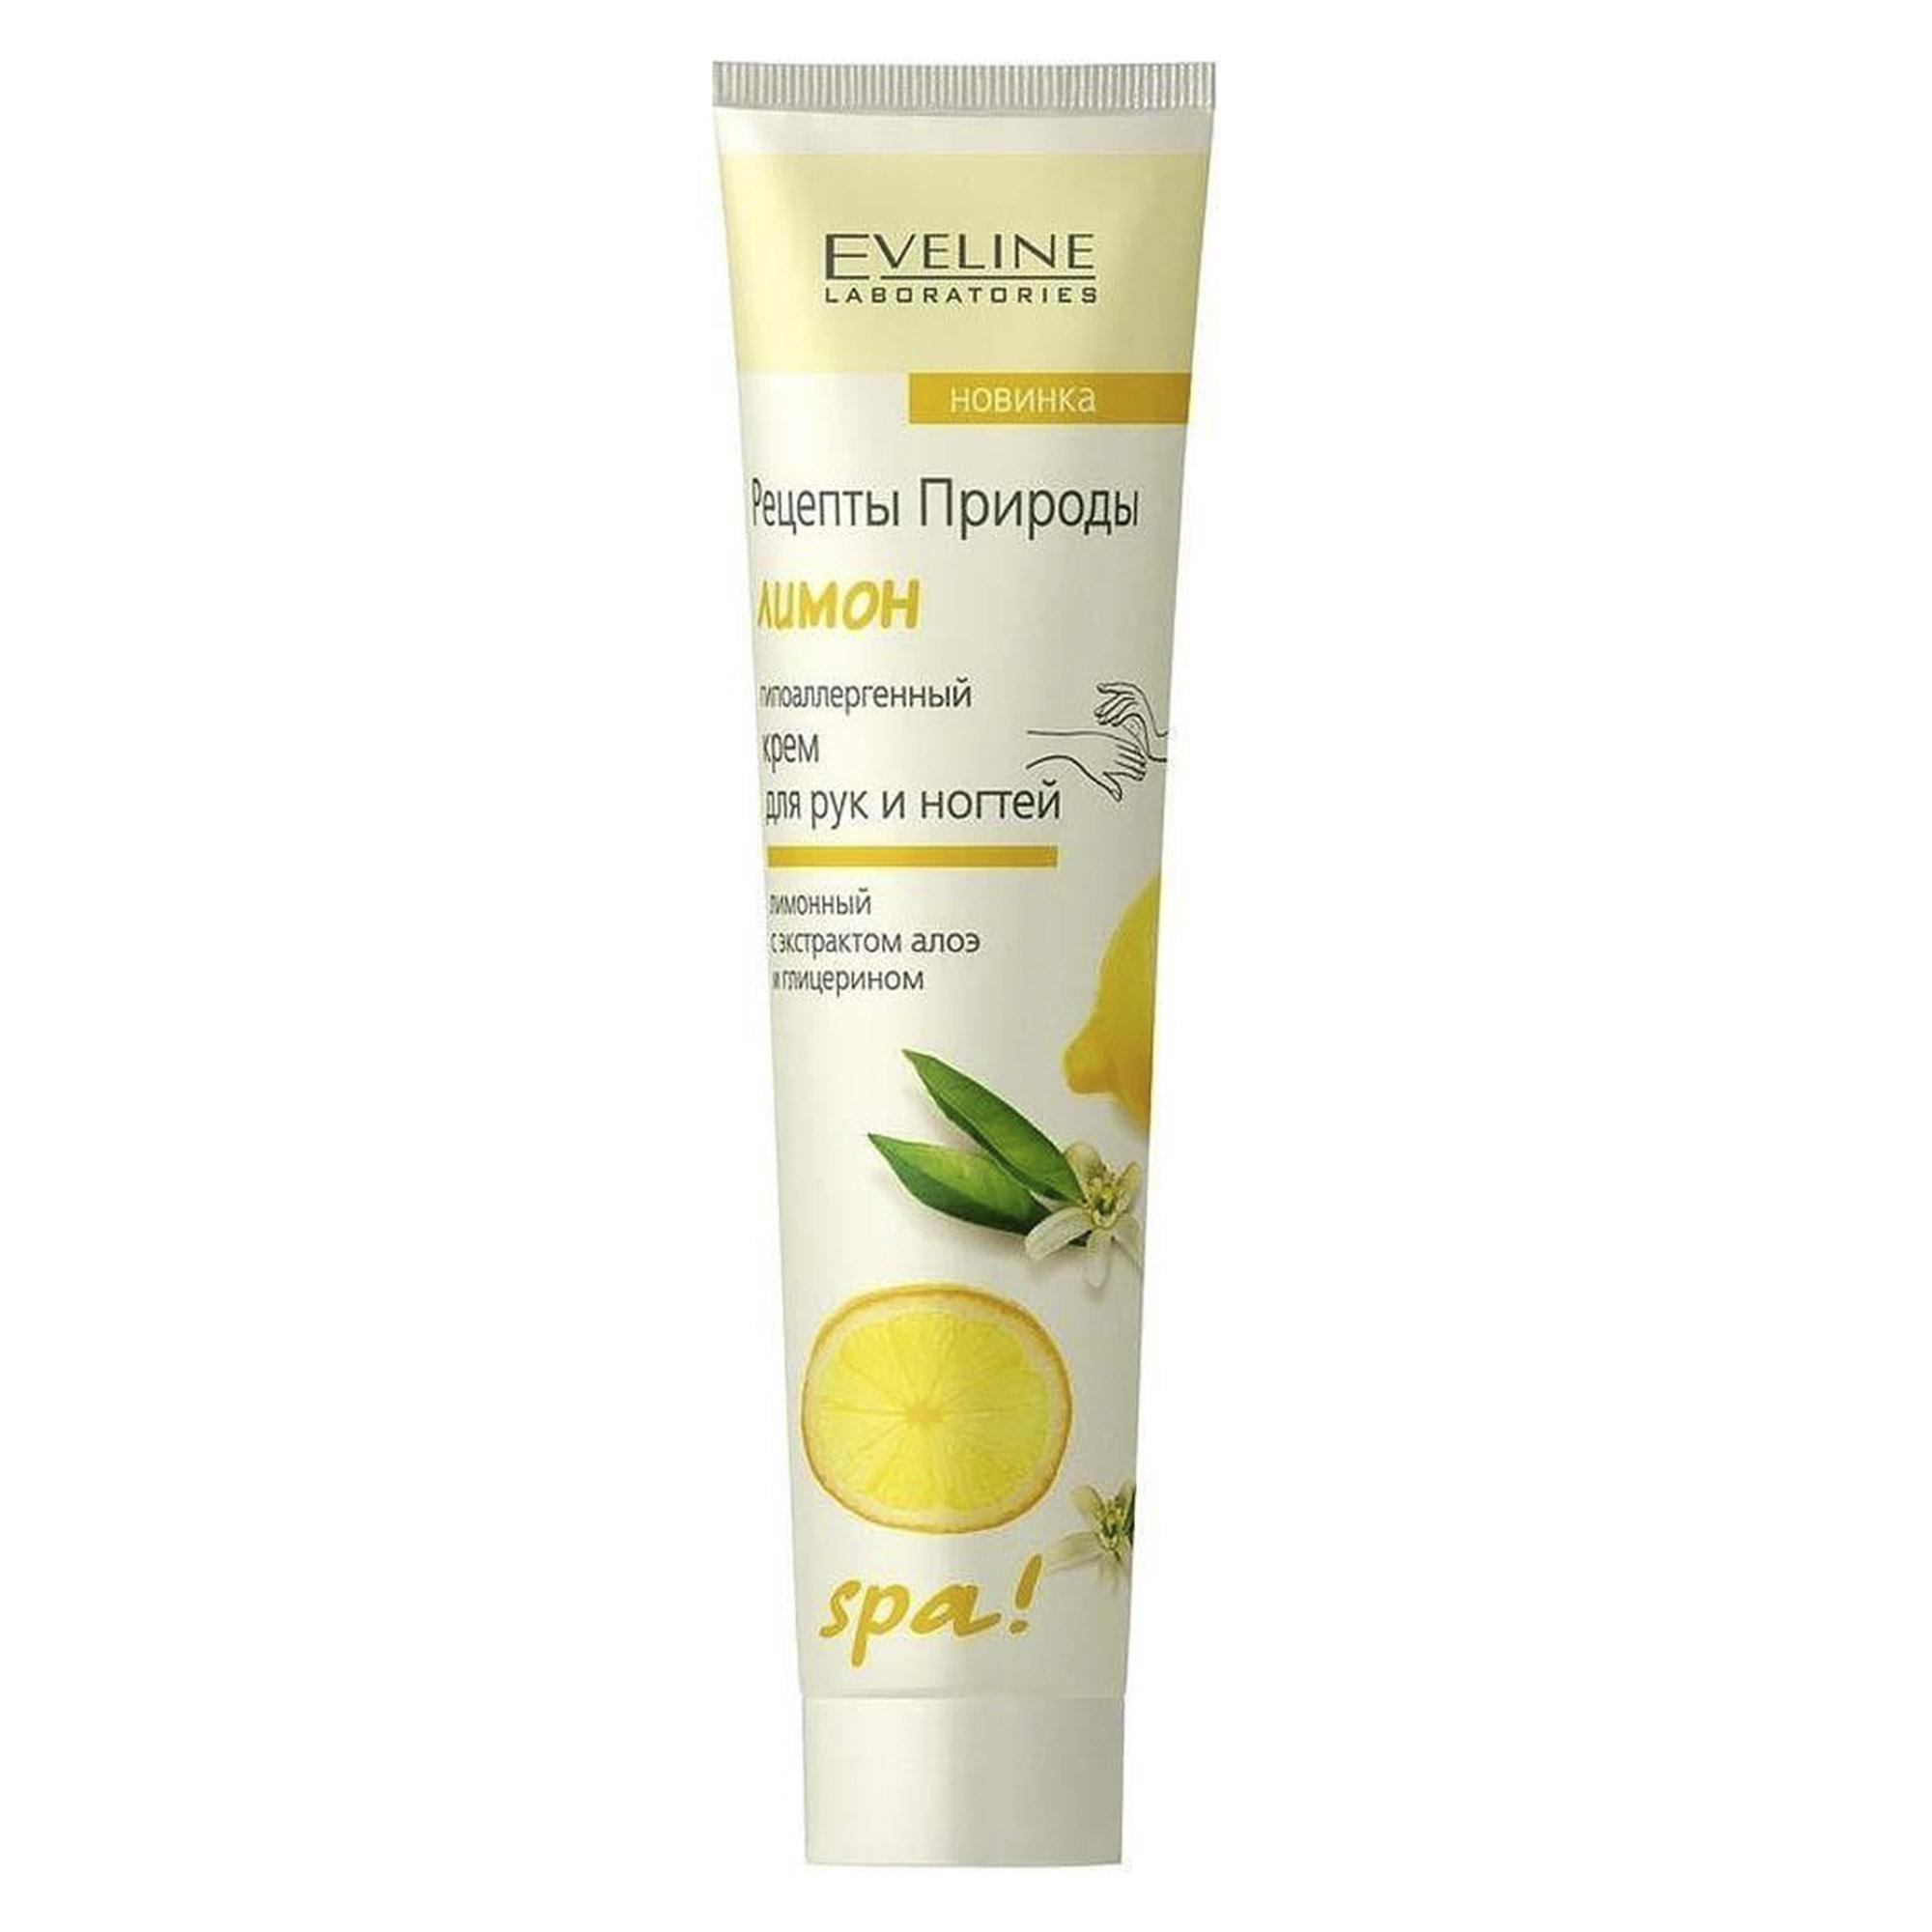 Фото - Крем для рук и ногтей Eveline Cosmetics Рецепты Природы Лимон 125 мл 125 135